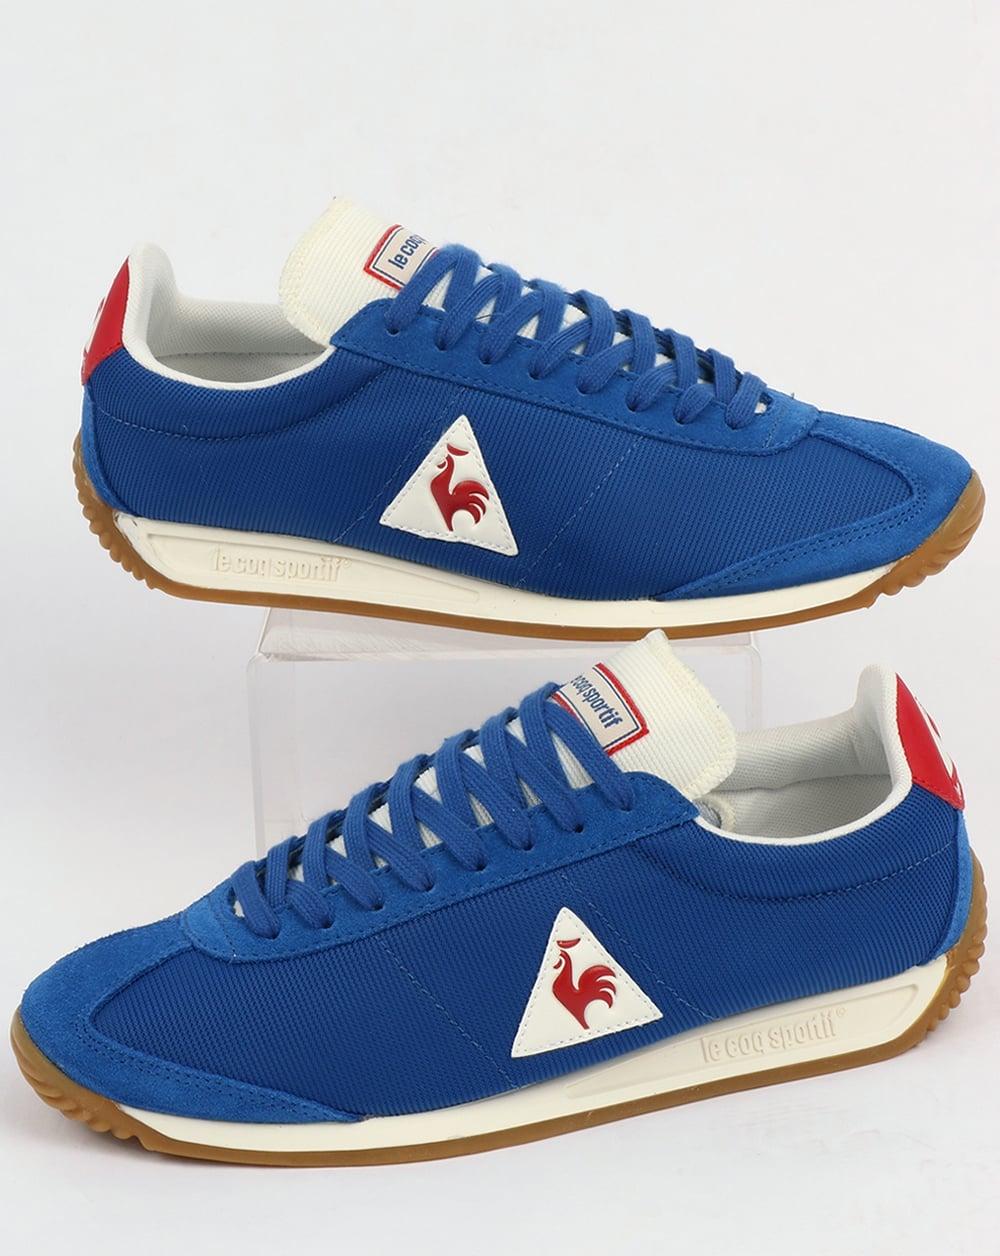 le coq sportif quartz gum trainers royal blue shoes. Black Bedroom Furniture Sets. Home Design Ideas